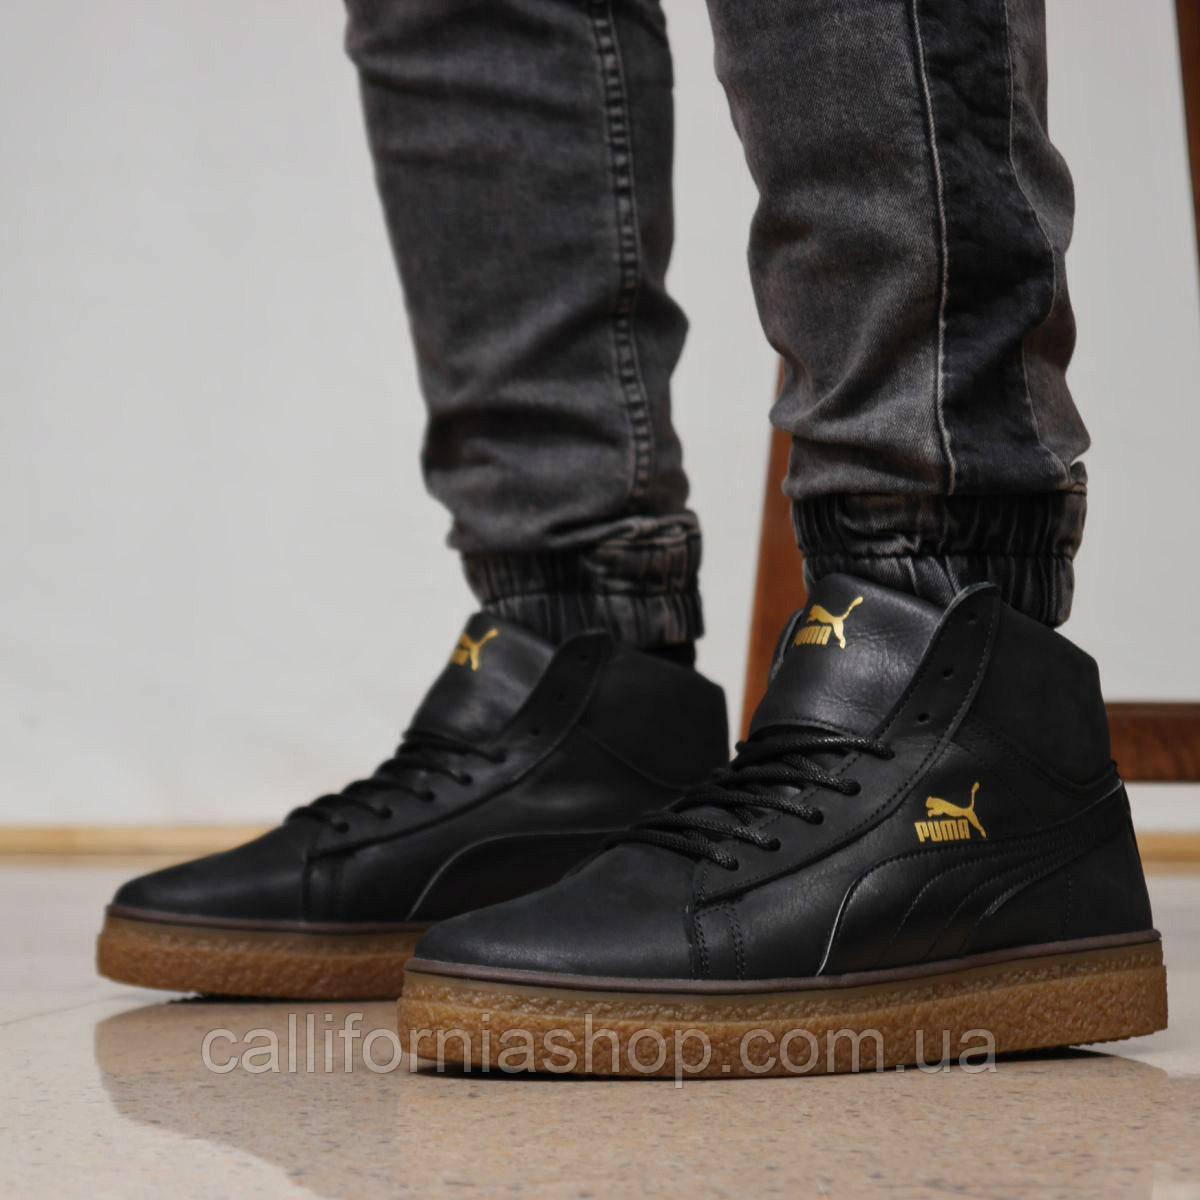 Зимние мужские кроссовки Puma Пума из натуральной кожи на меху черного цвета